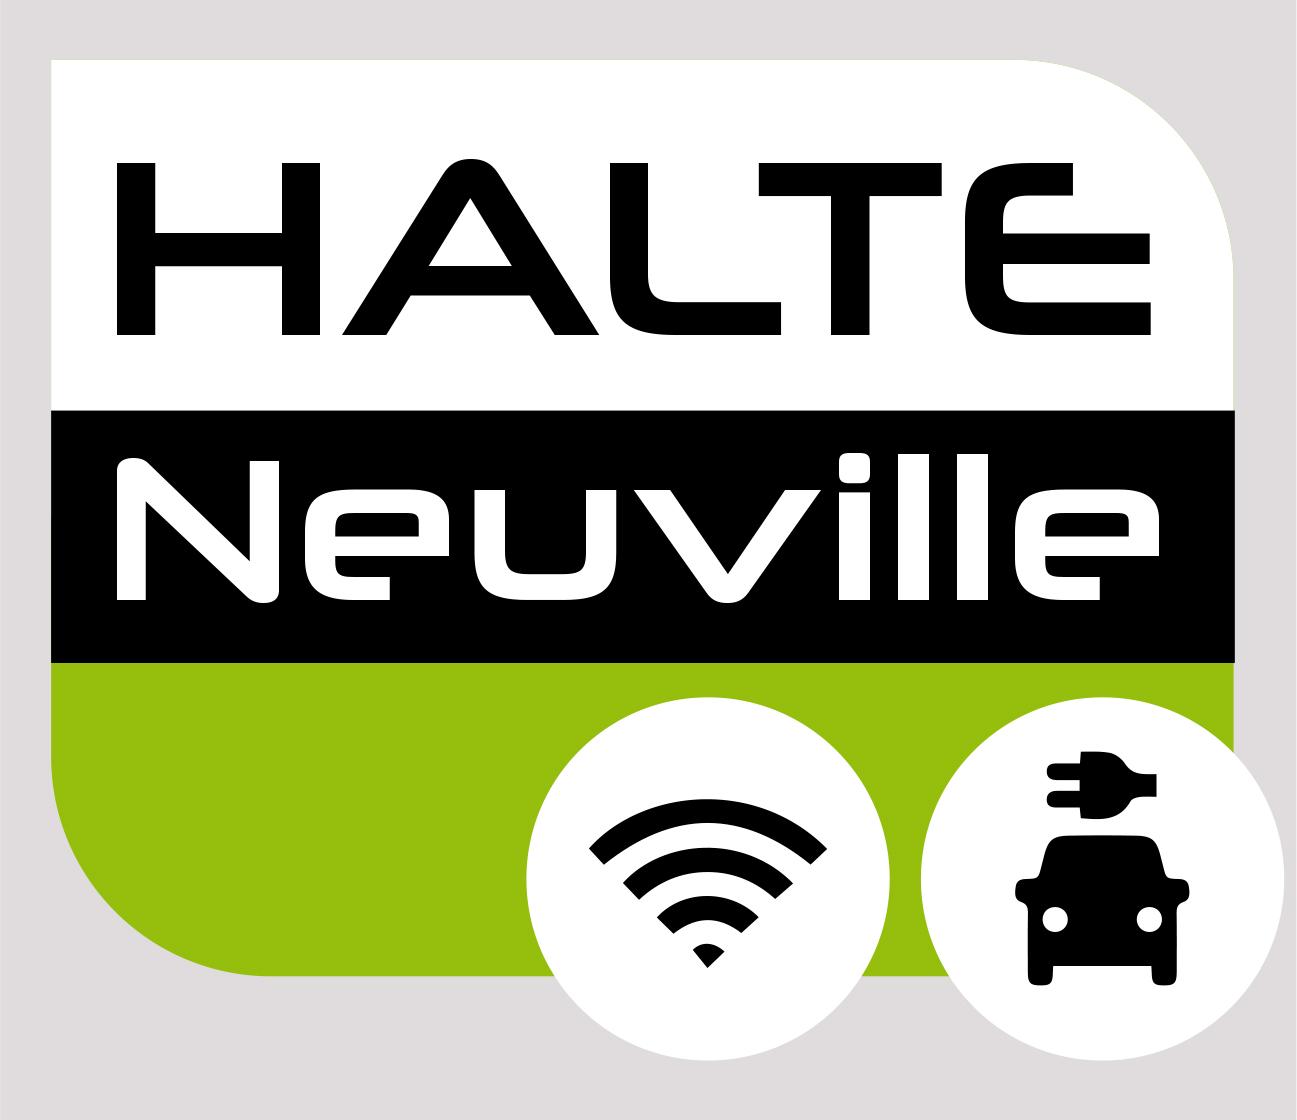 Halte Neuville